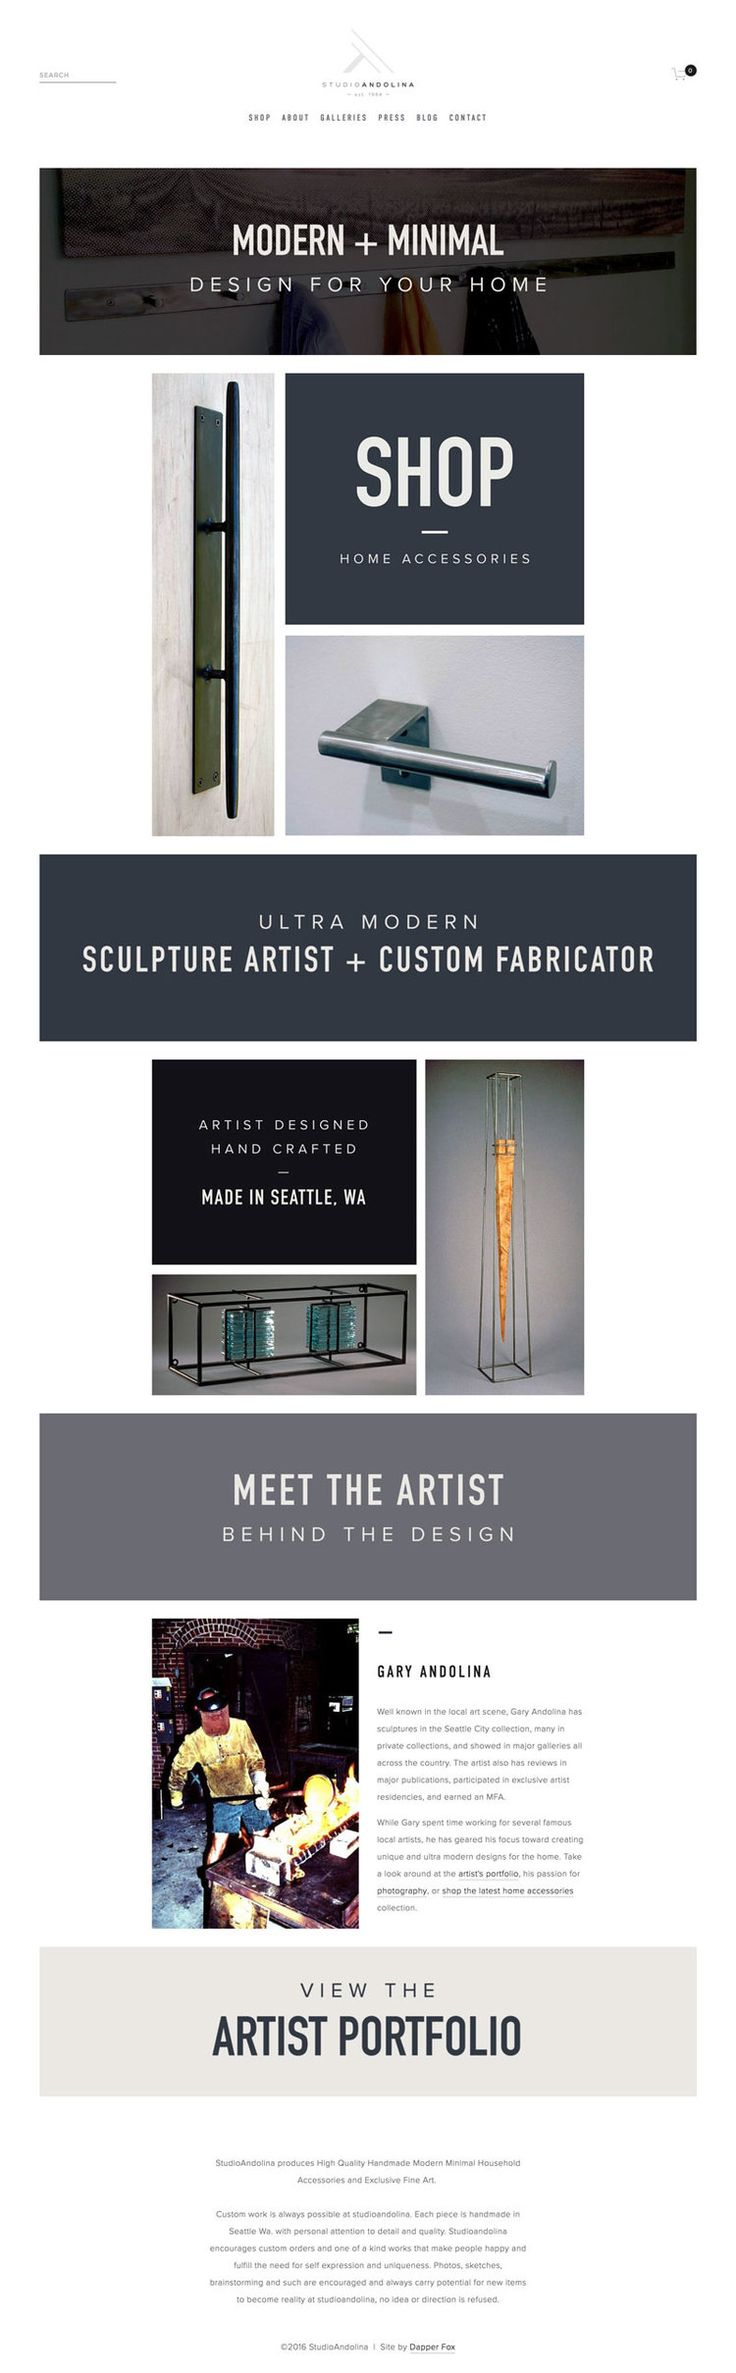 7 Best Squarespace Website Images On Pinterest Design Websites